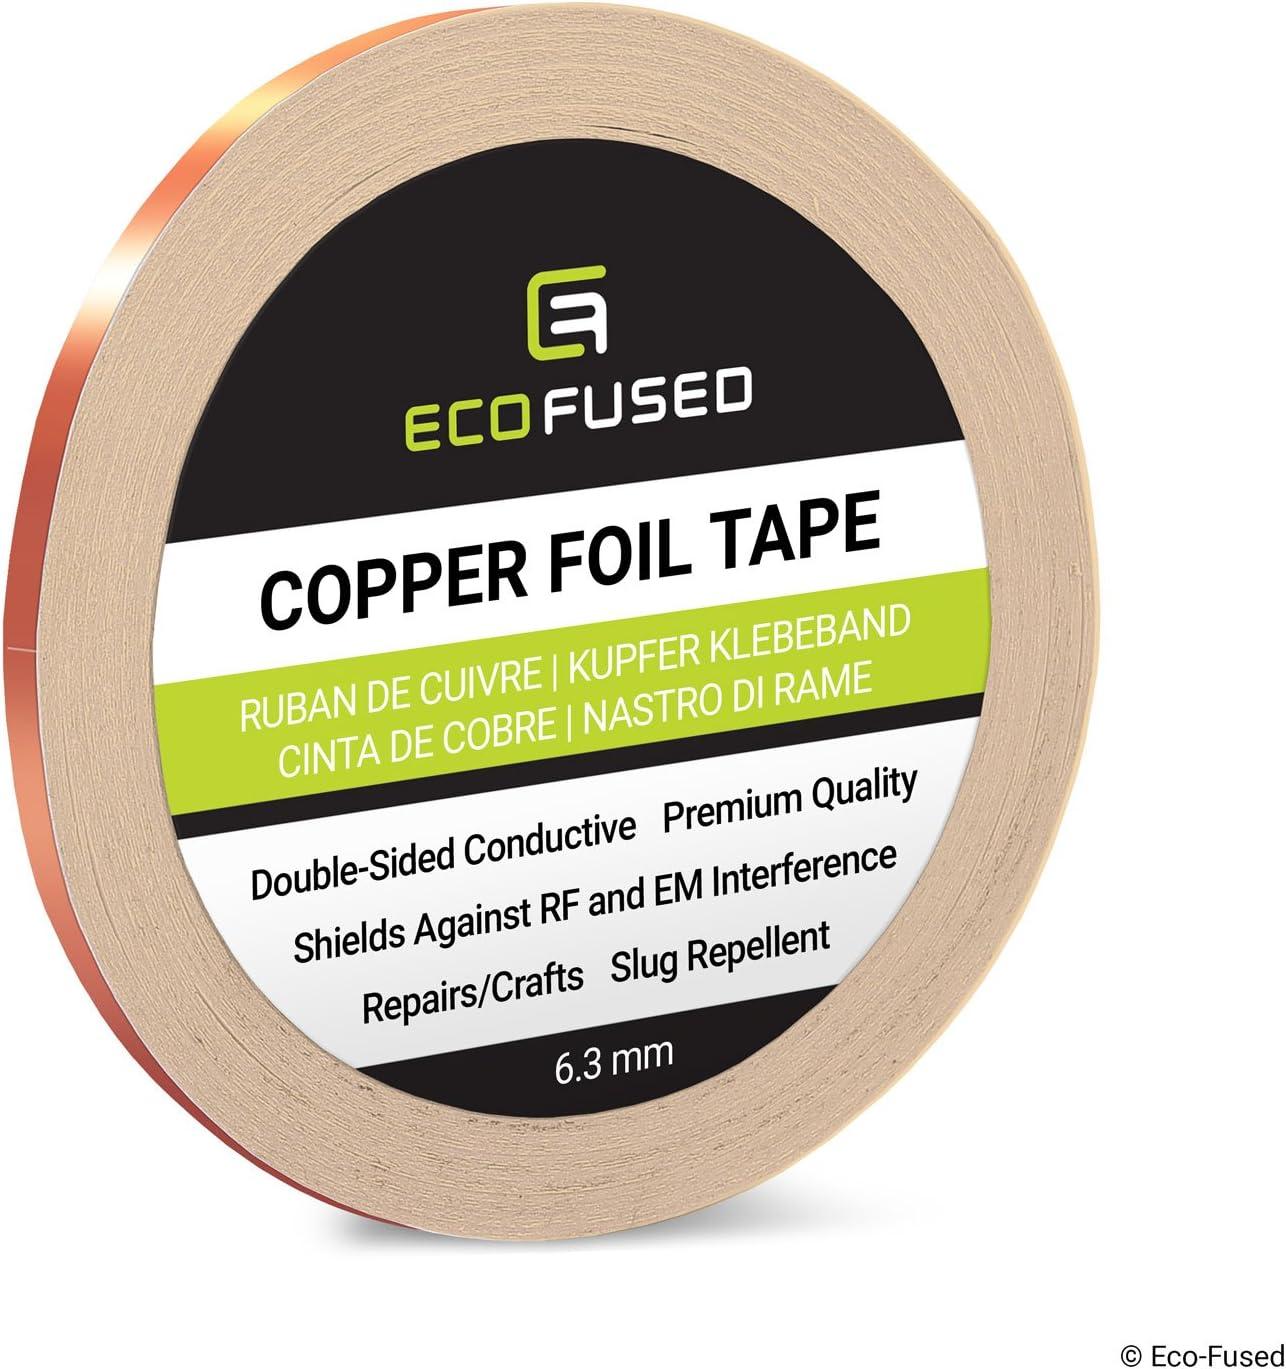 Cinta Adhesiva de primera calidad de cobre - Conducto de doble cara - 0.25 pulgadas (6.3mm) - Blindaje EMI y RF, Circuitos de papel, Reparaciones eléctricas, Conexión a tierra, Repelente de babosas